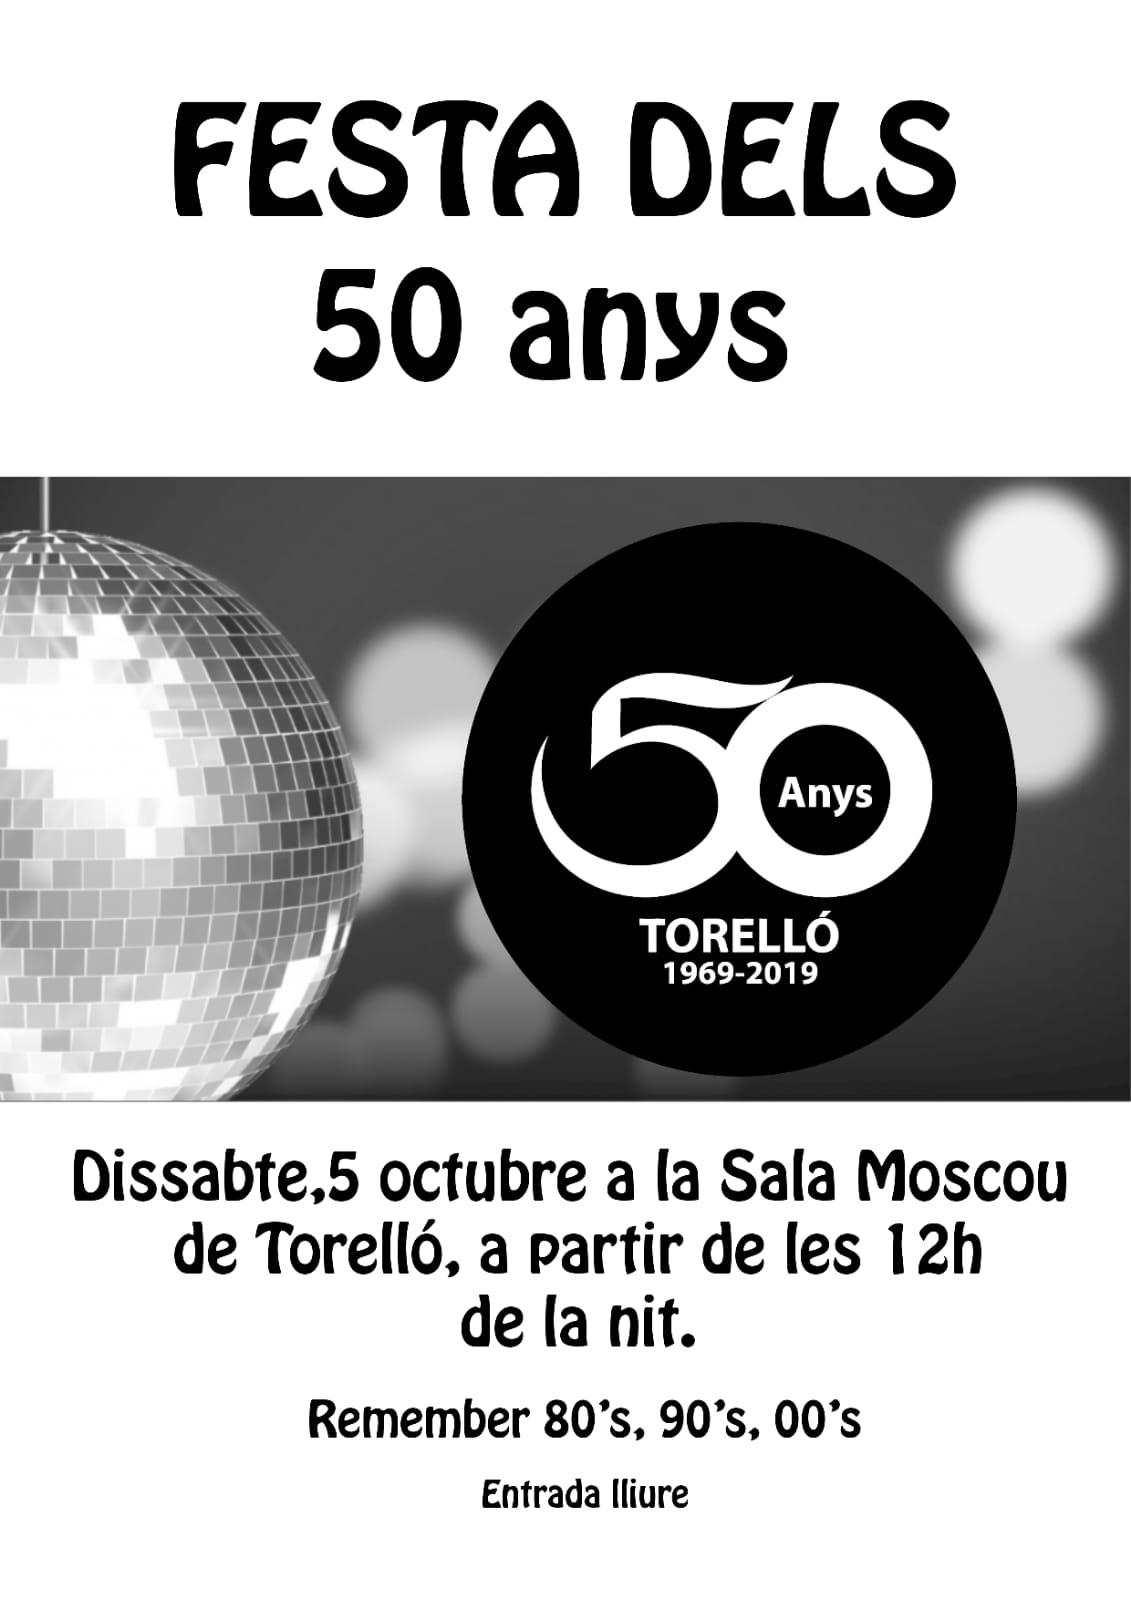 Festa dels 50 anys